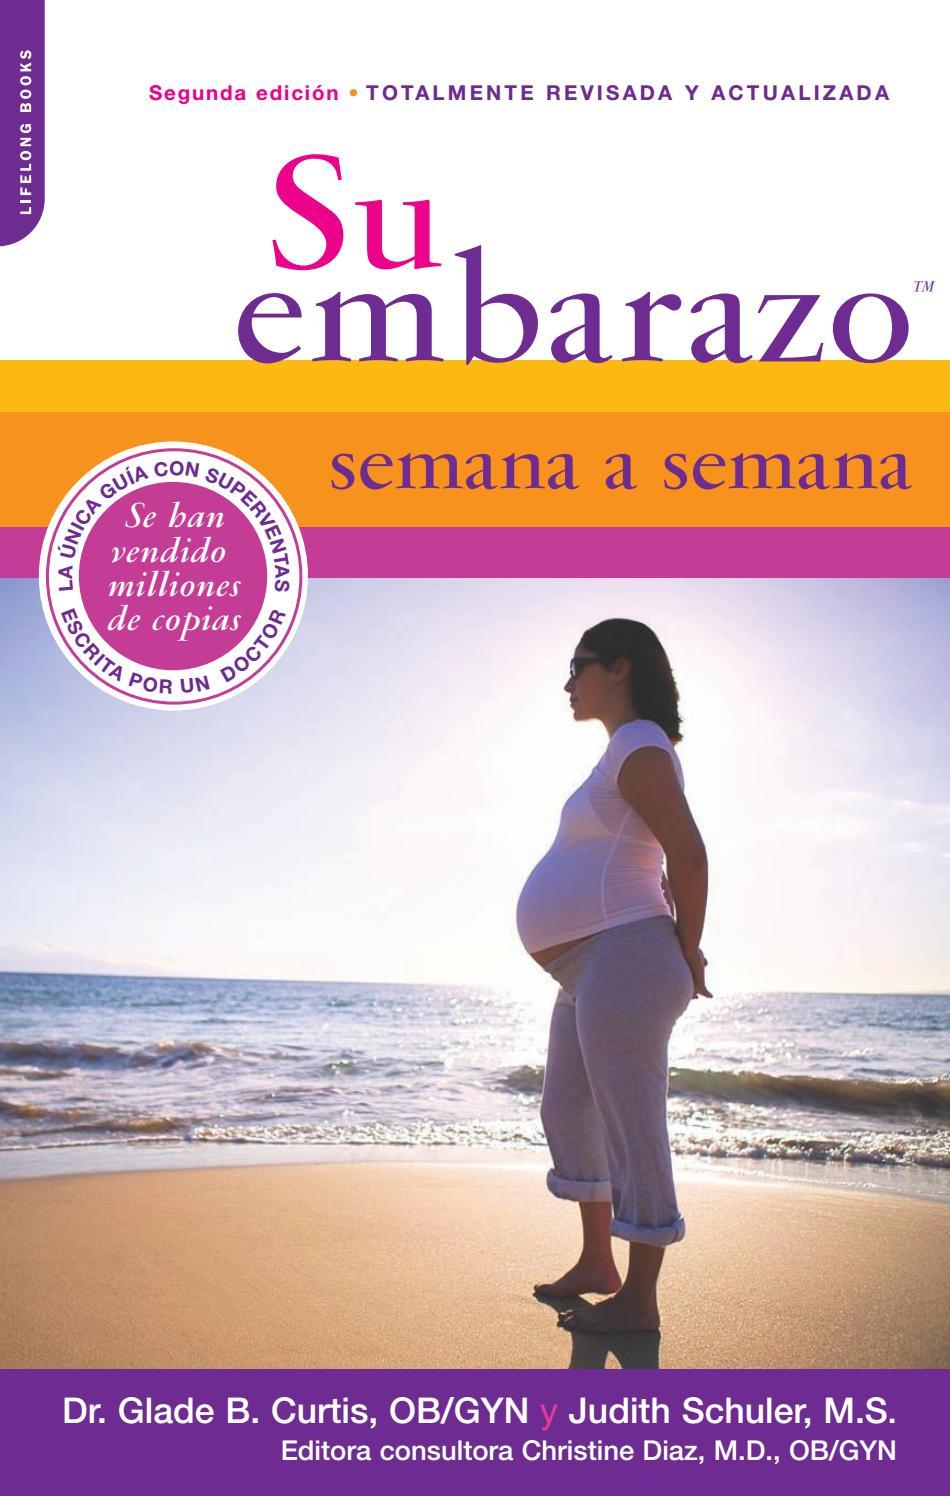 34 semanas de embarazo peso del bebe en libras